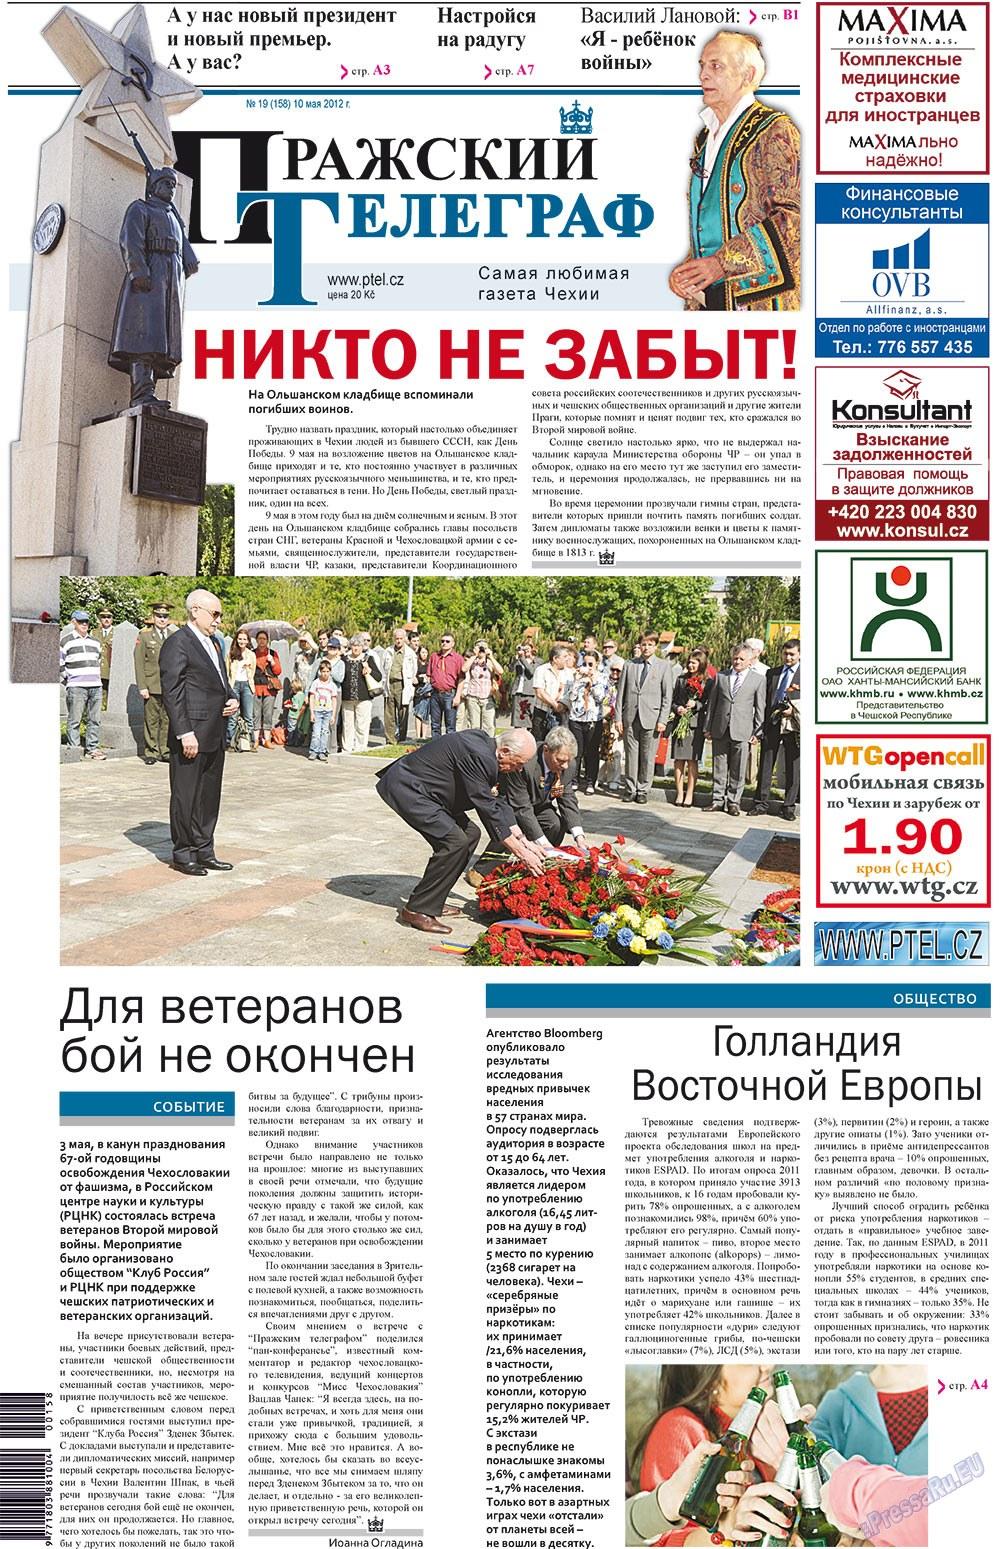 Пражский телеграф (газета). 2012 год, номер 19, стр. 1